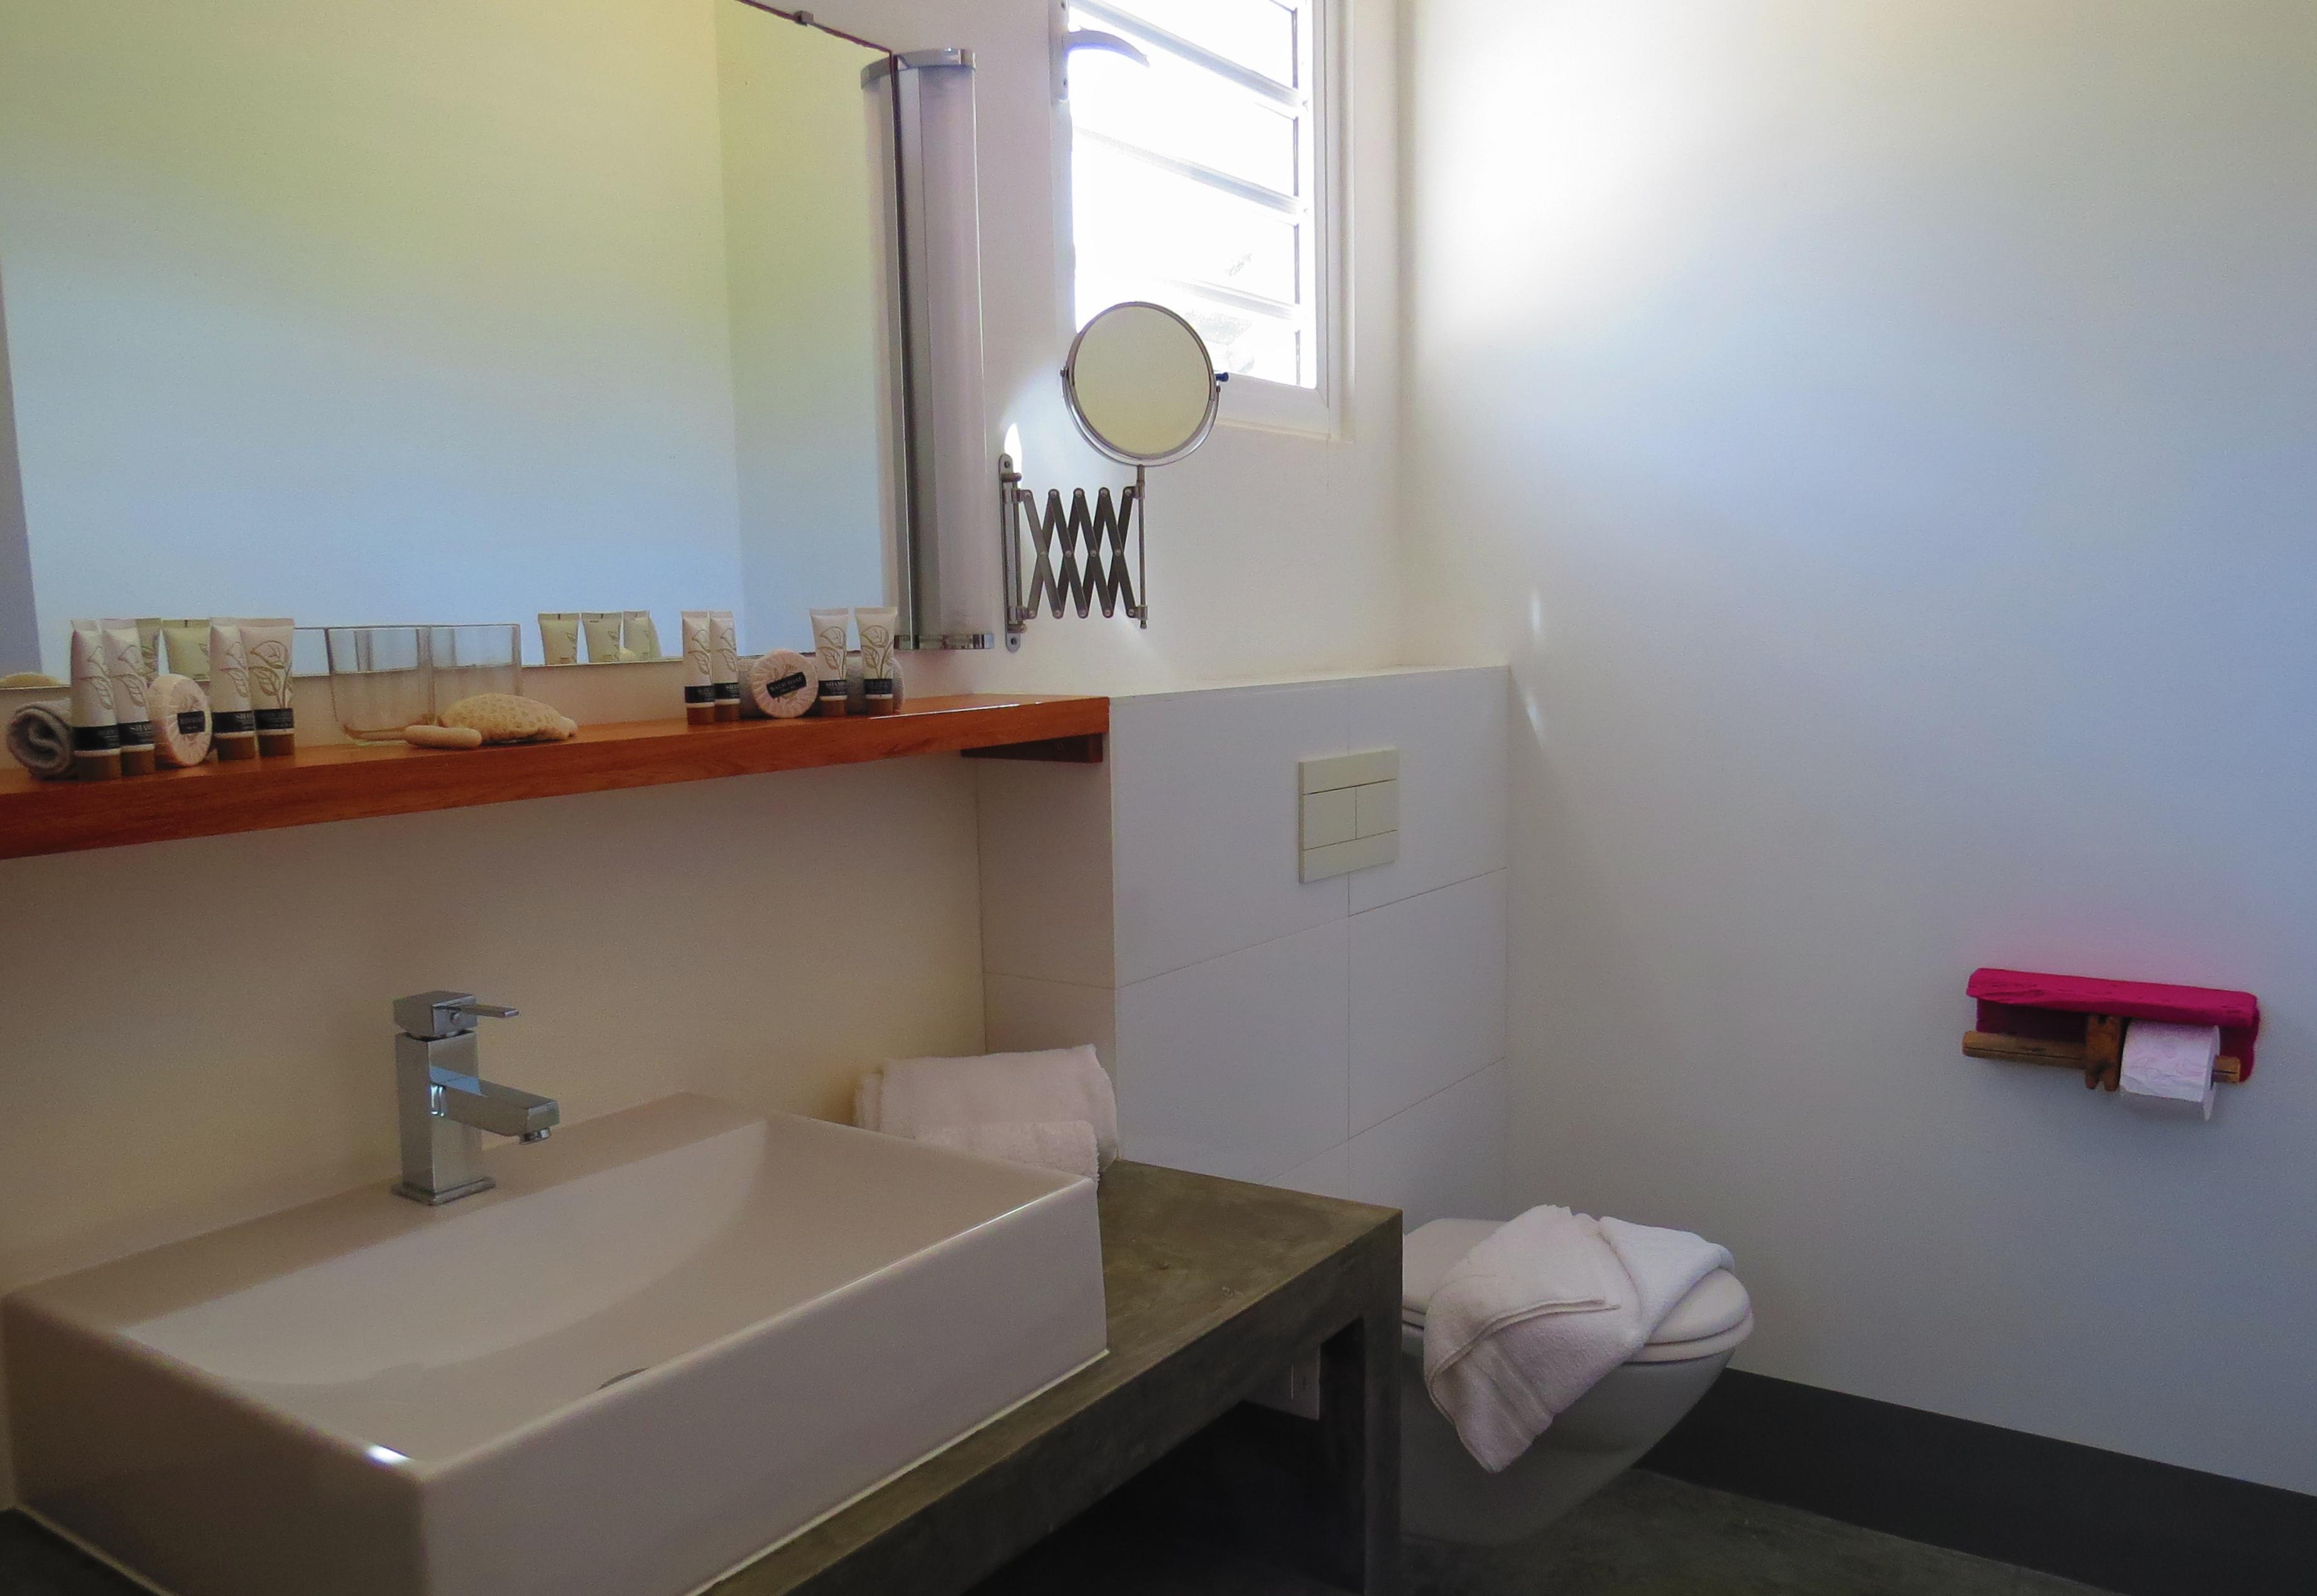 Modern design bathrooms throughout the villa